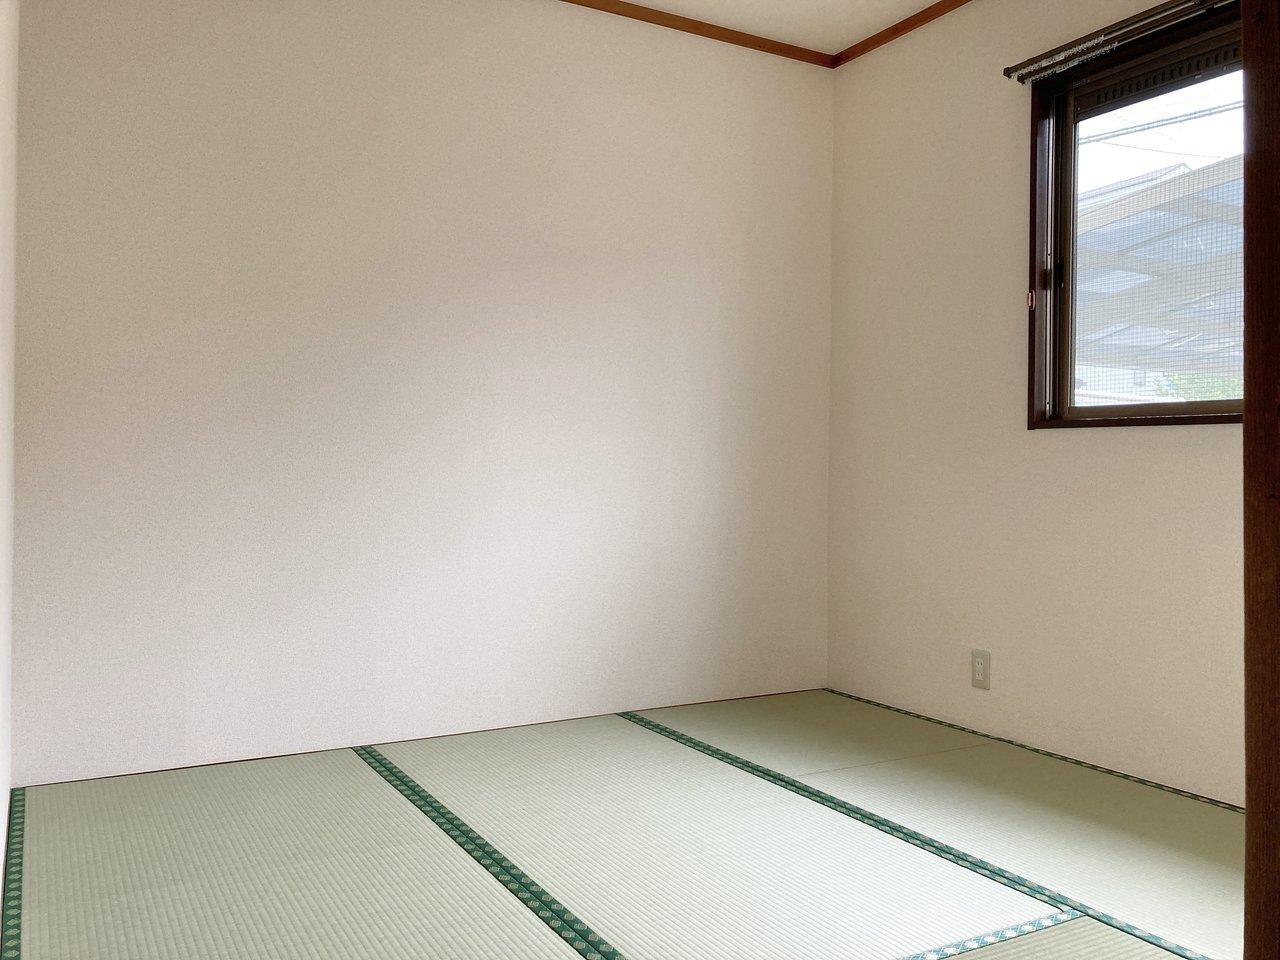 4.5畳の和室には窓もついて、明るいイメージです。寝室にするもよし、ワークスペースにするのもいいですね。